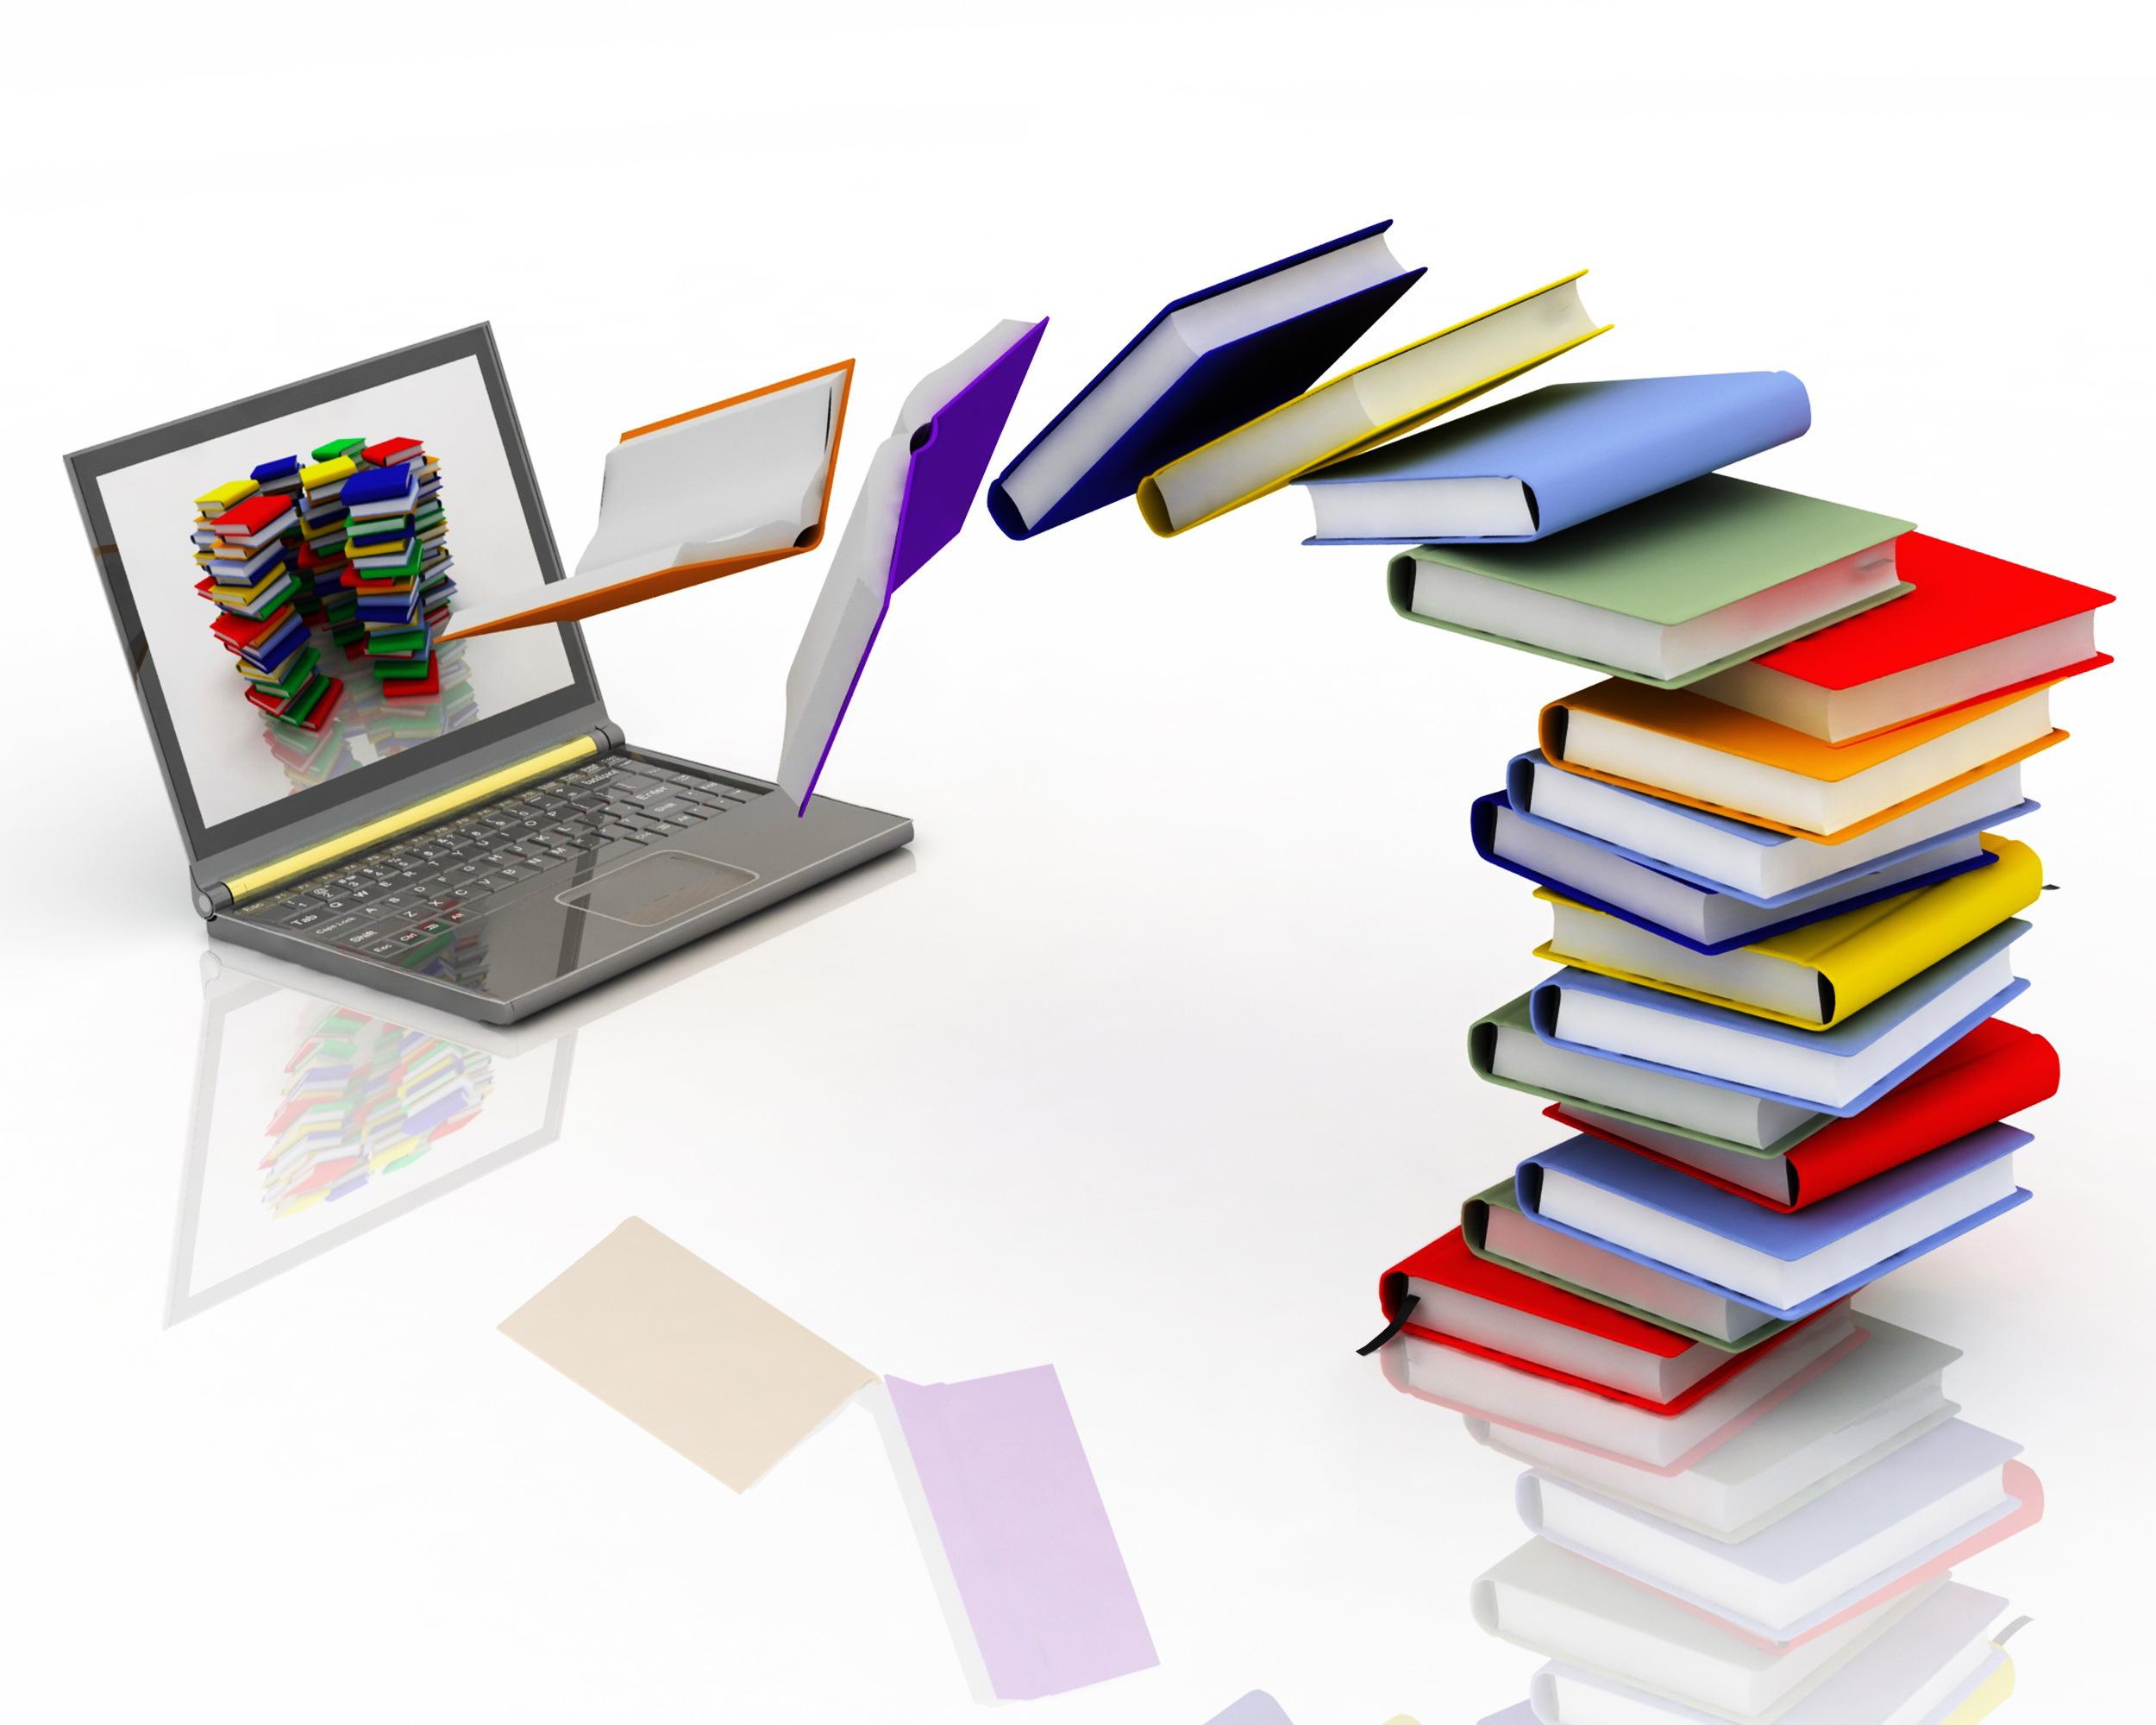 Cách giúp mọi người  đọc sách online hiệu quả nhất